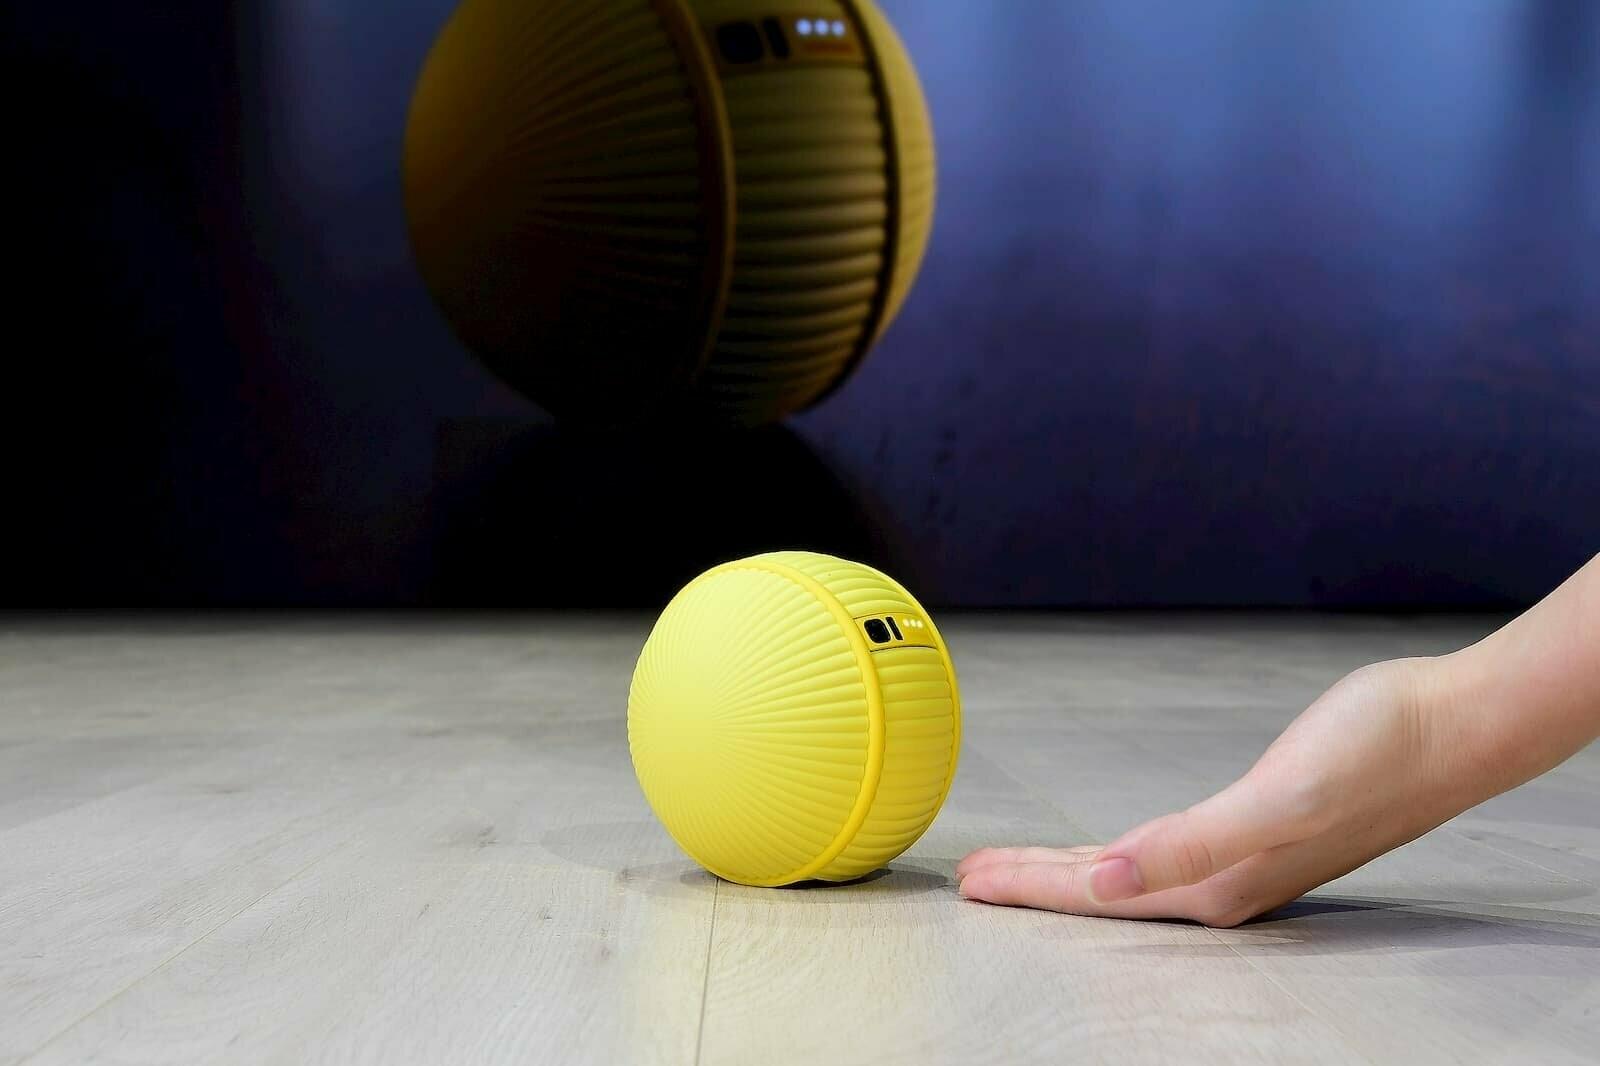 В Samsung создали шарообразного робота Ballie